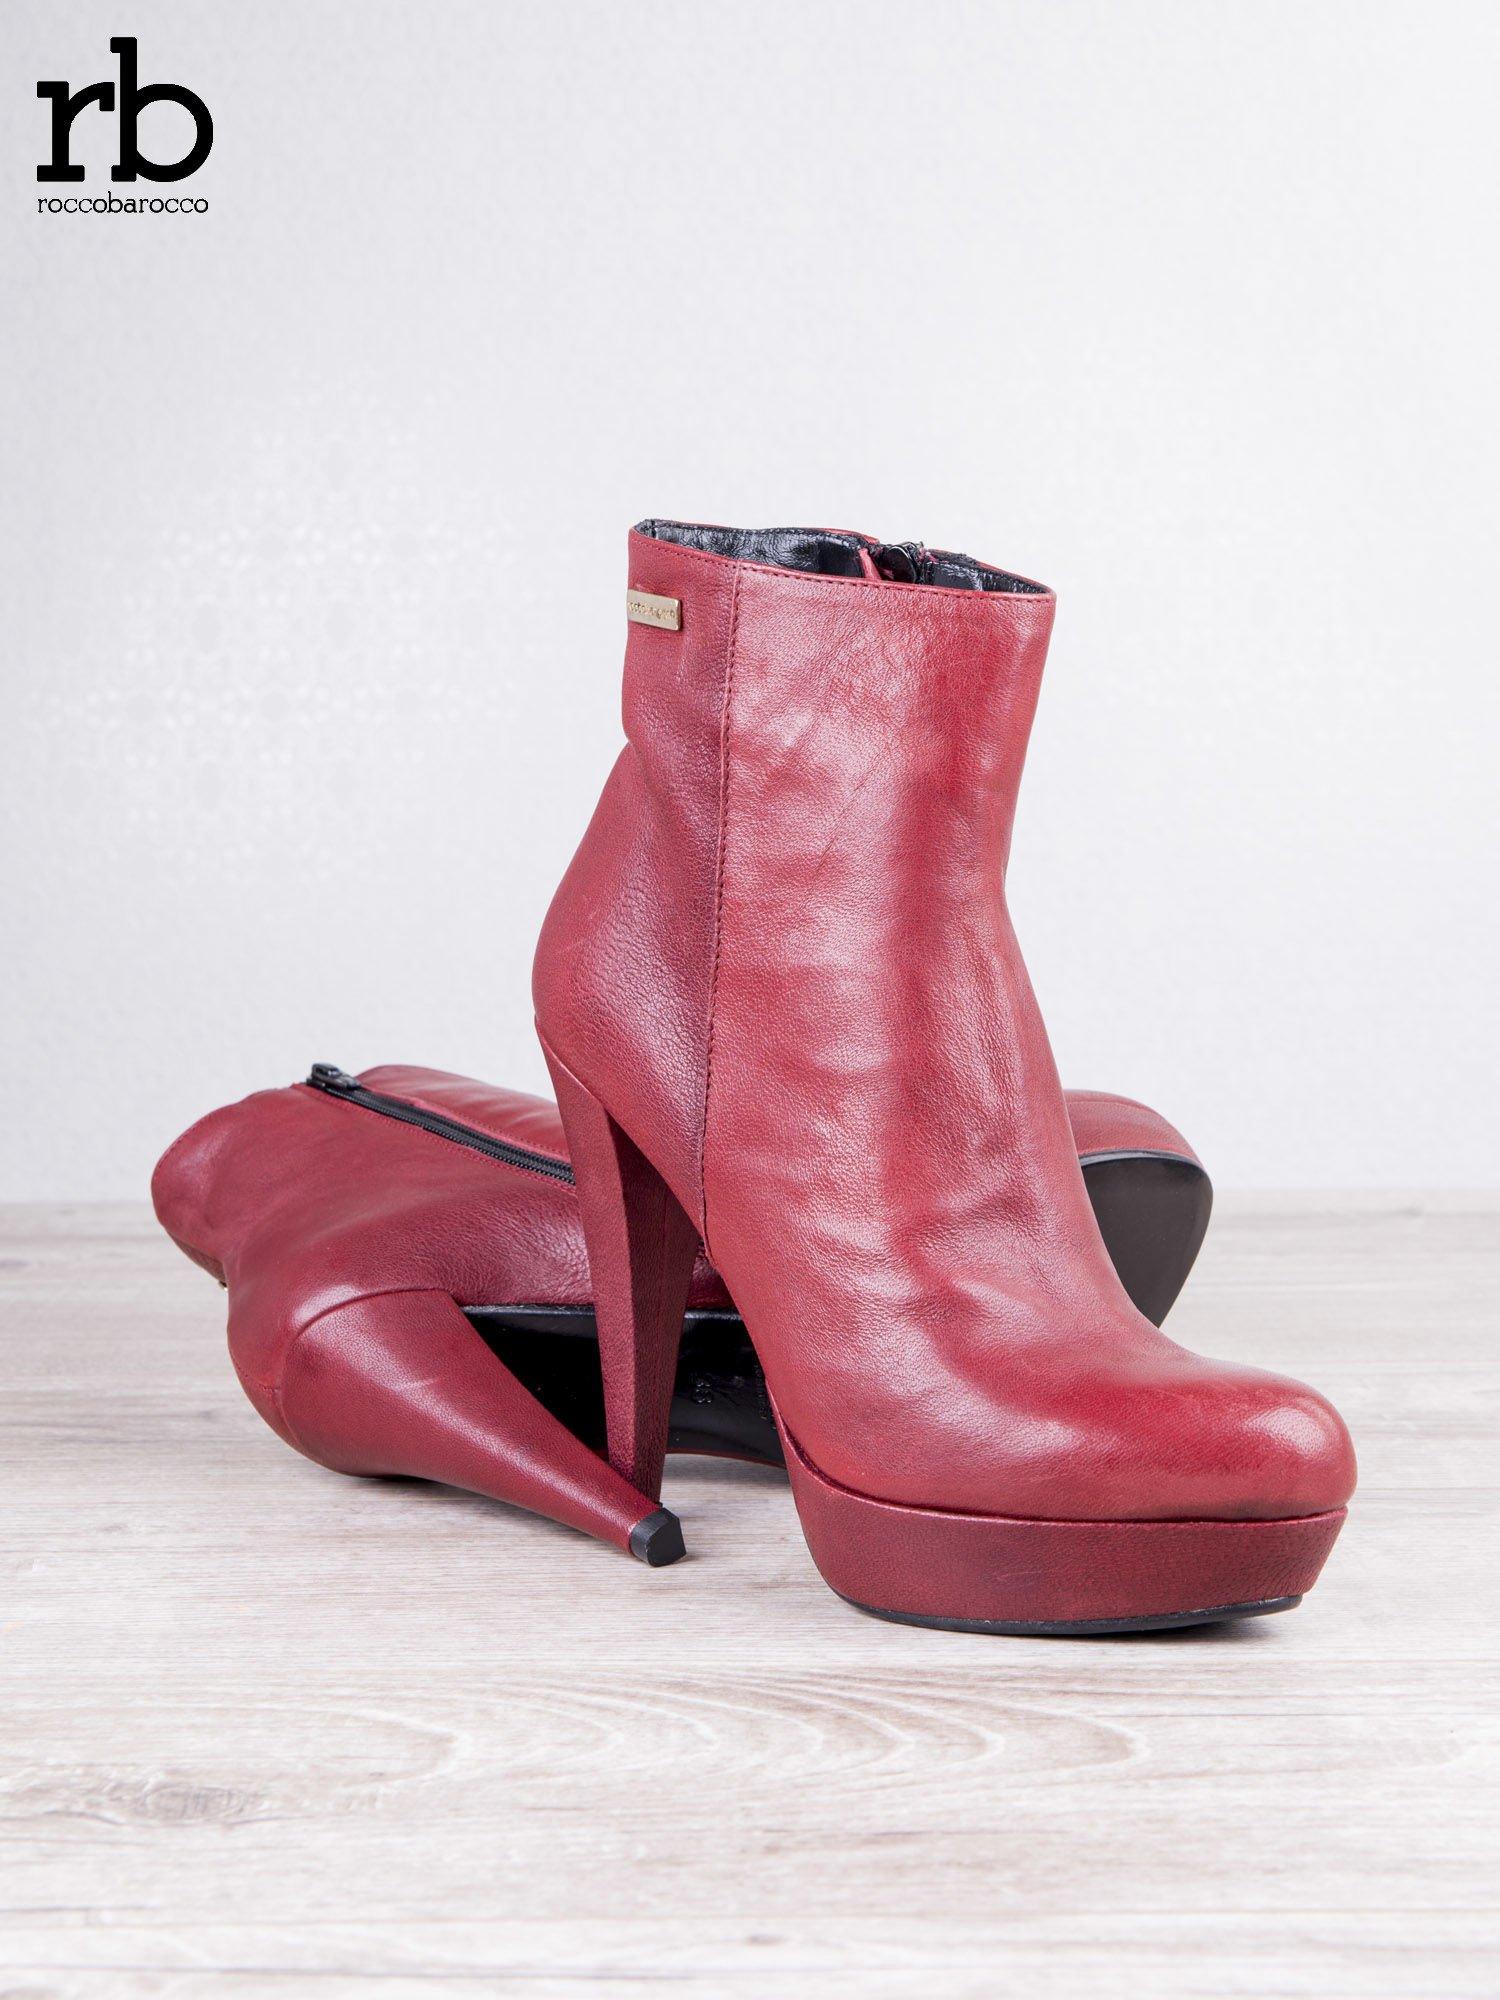 ROCCOBAROCCO czerwone skórzane botki genuine leather na koturnach                                  zdj.                                  3